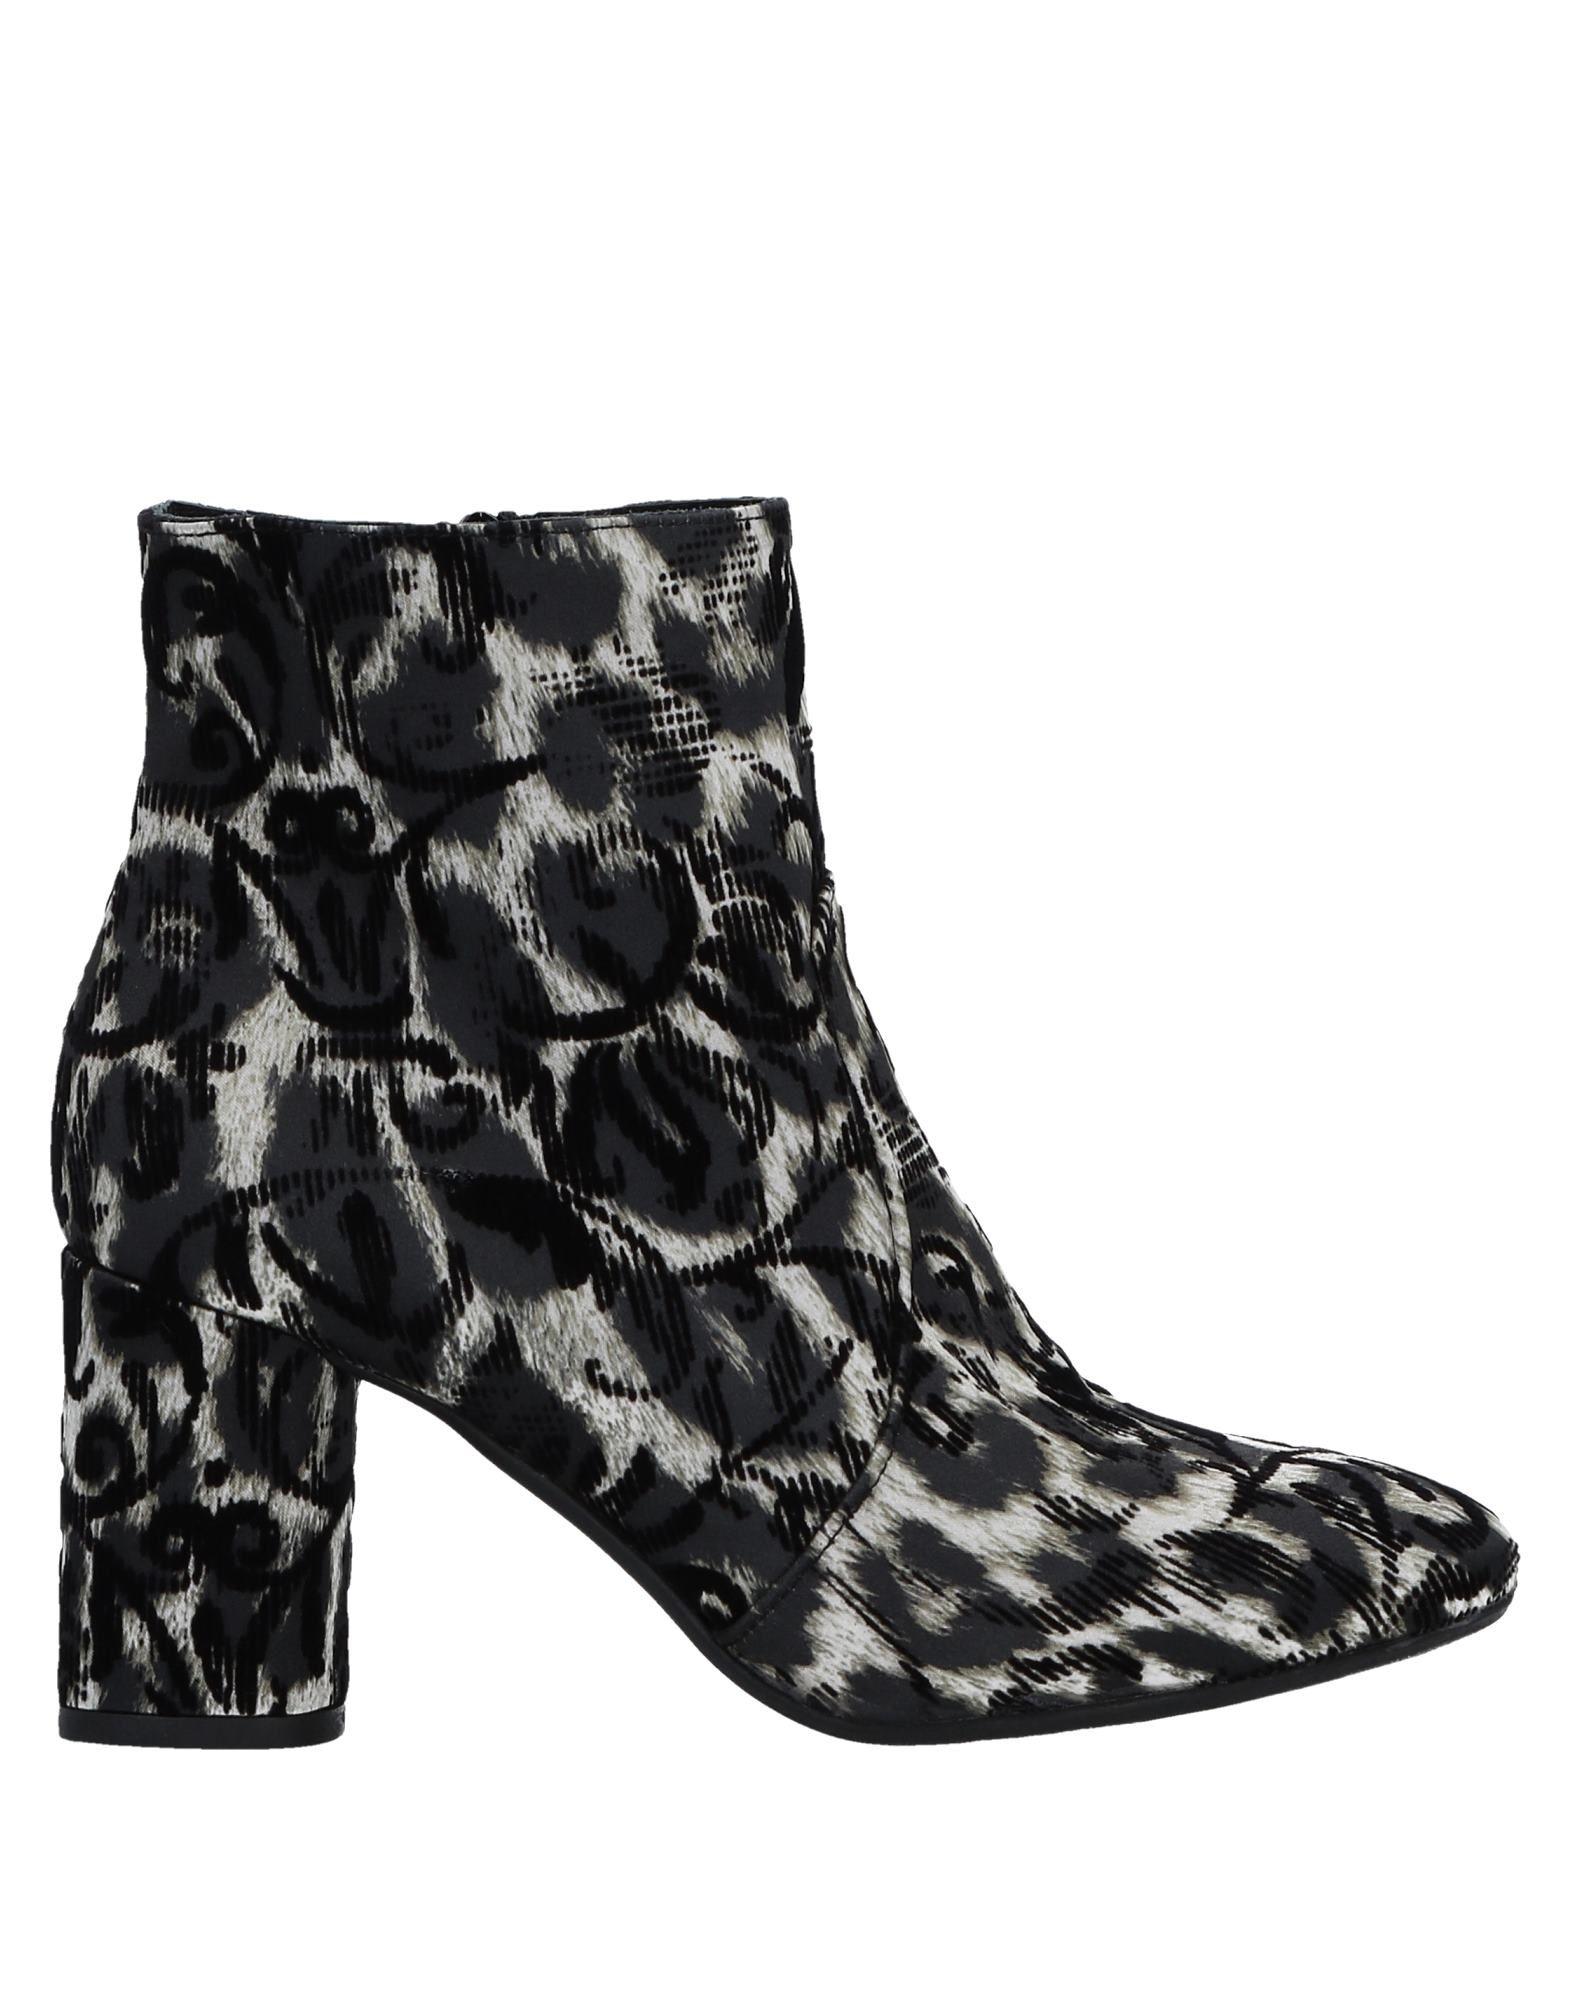 Jada Simon Stiefelette Damen  11533212AE Gute Qualität beliebte Schuhe